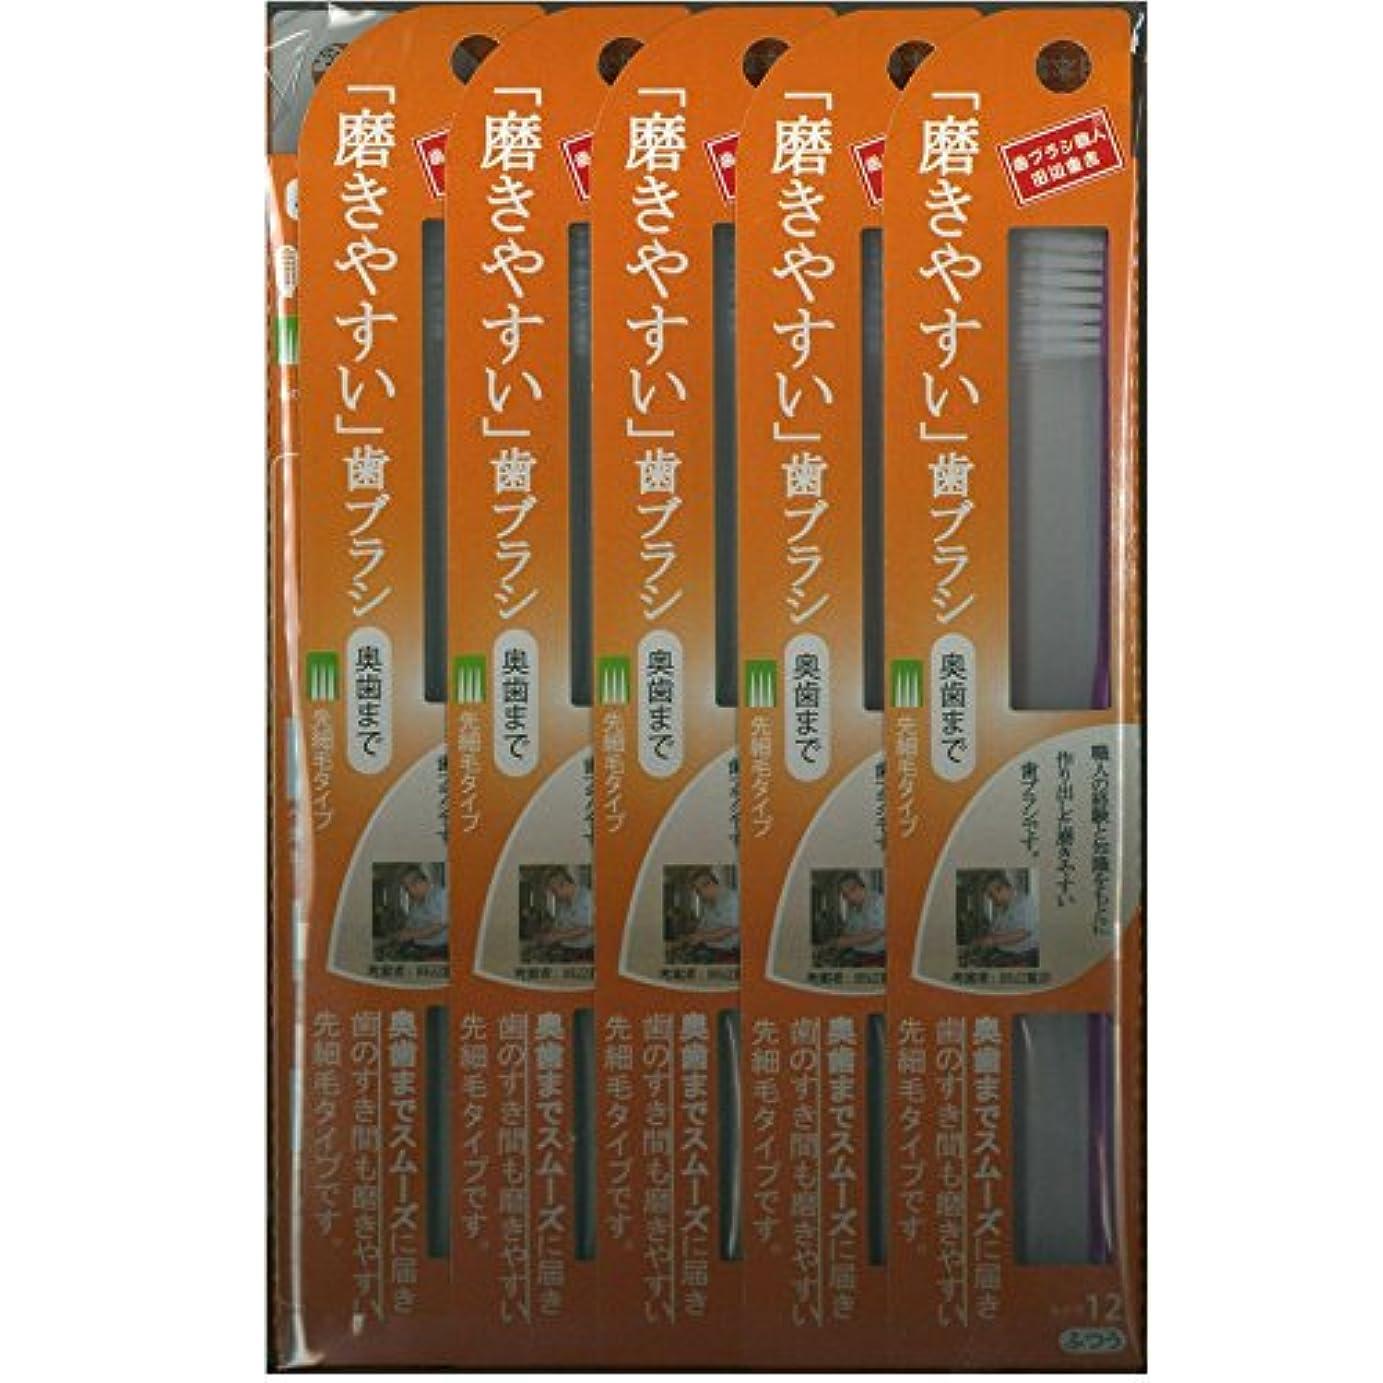 酔った登るそれぞれ磨きやすい歯ブラシ(奥歯まで)先細 LT-12×12本セット( ピンク×4本、ブルー×4本、グリーン×2本、パープル×2本)